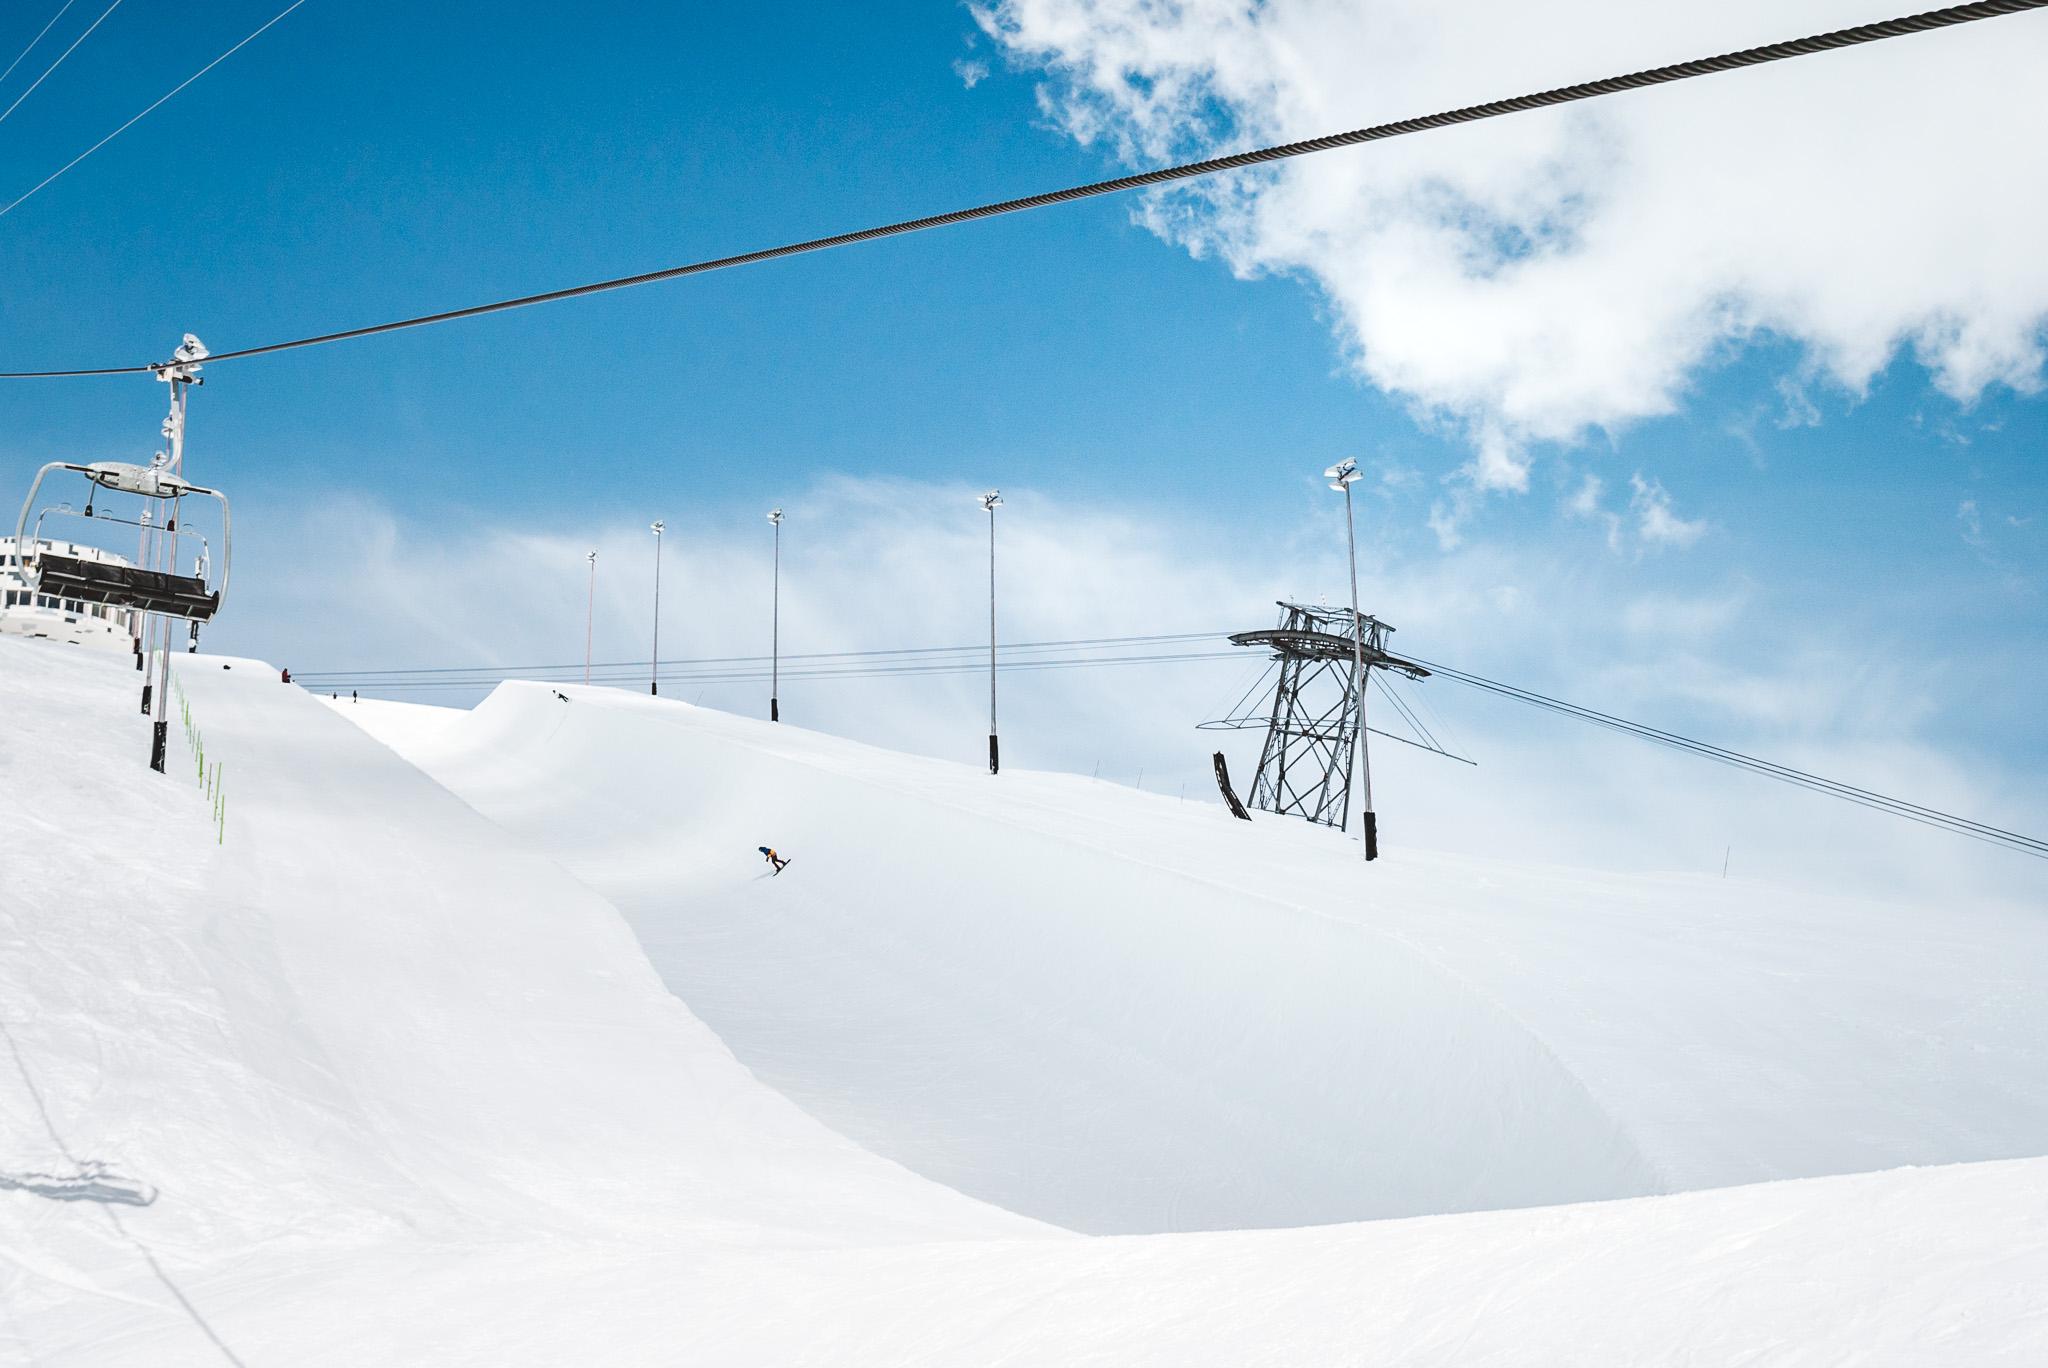 Direkt unterhalb des NoName Cafes wartet eine massive Superpipe auf die Besucher des Snowpark Laax.